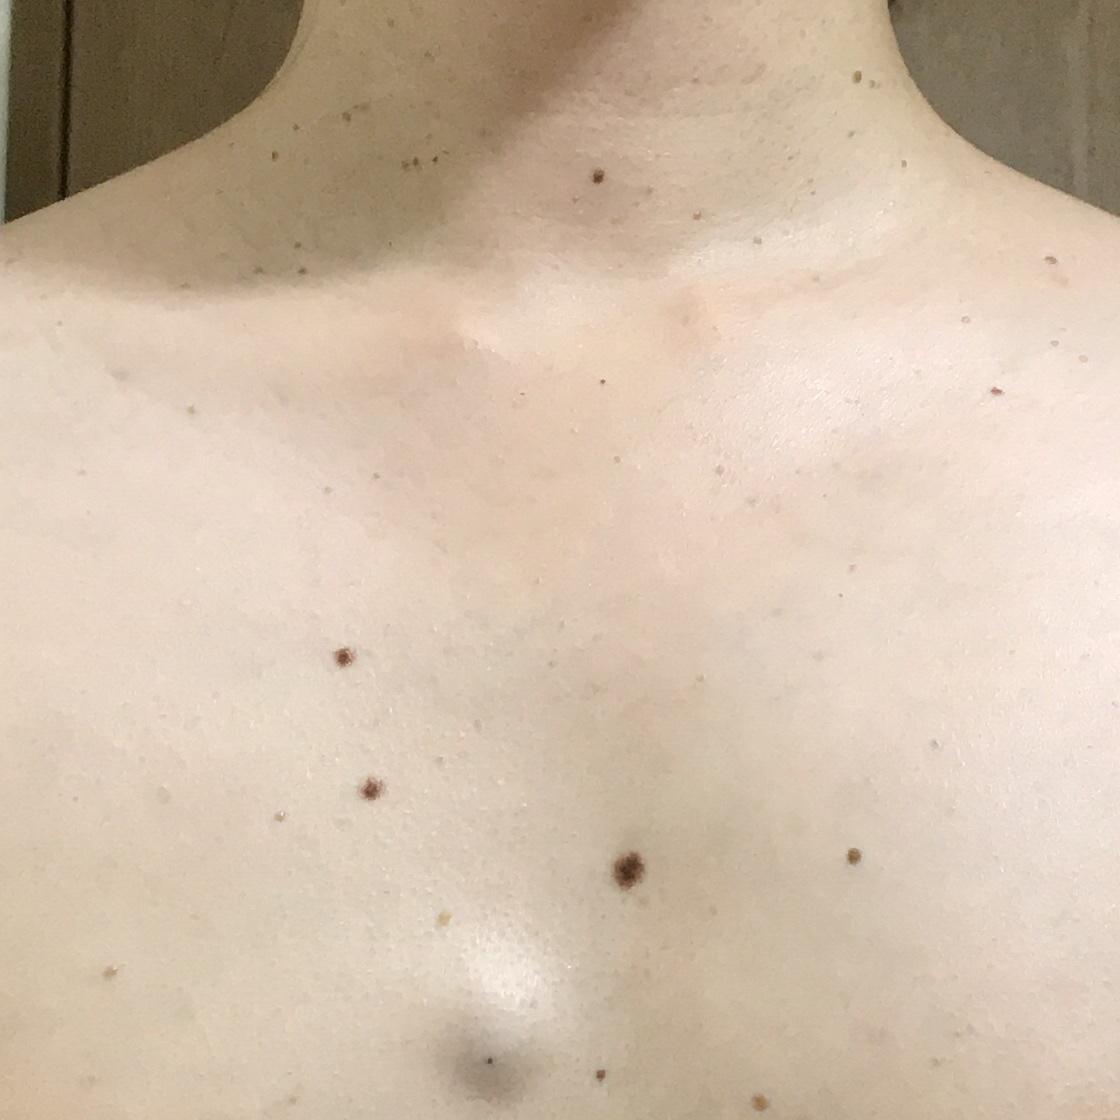 大きくなった粉瘤